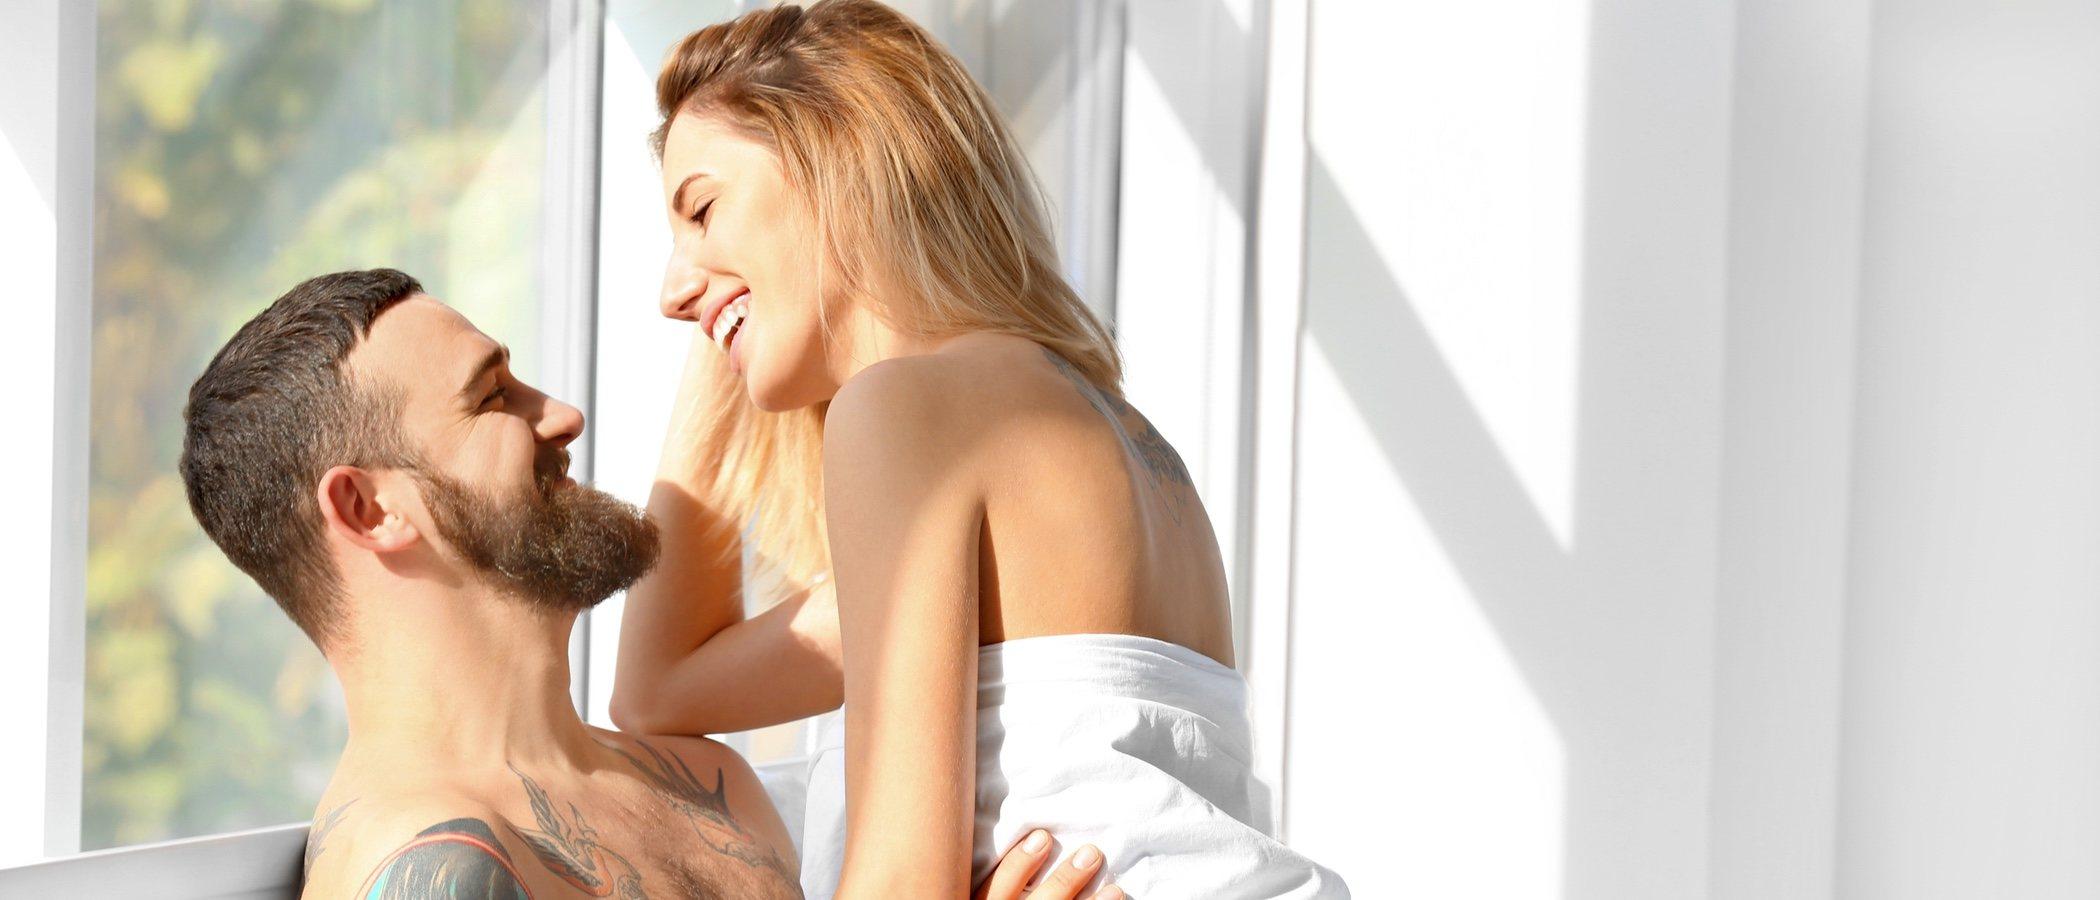 Horóscopo sexual febrero 2020: Acuario